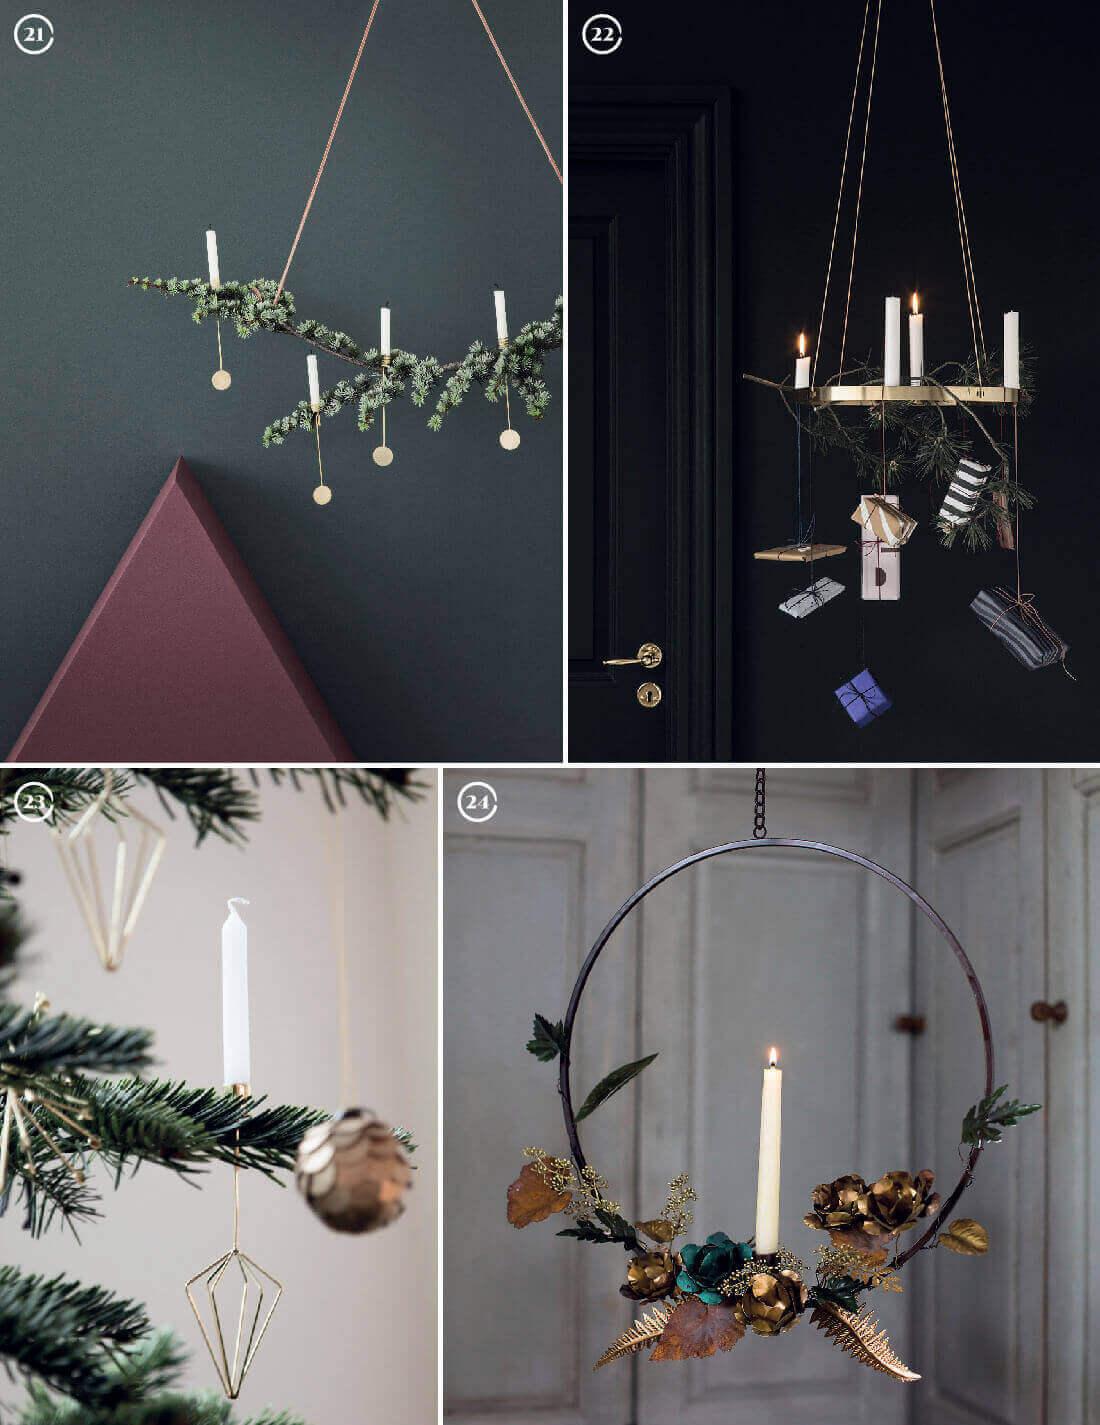 Decorazioni natalizie: portacandele per l'albero e da parete